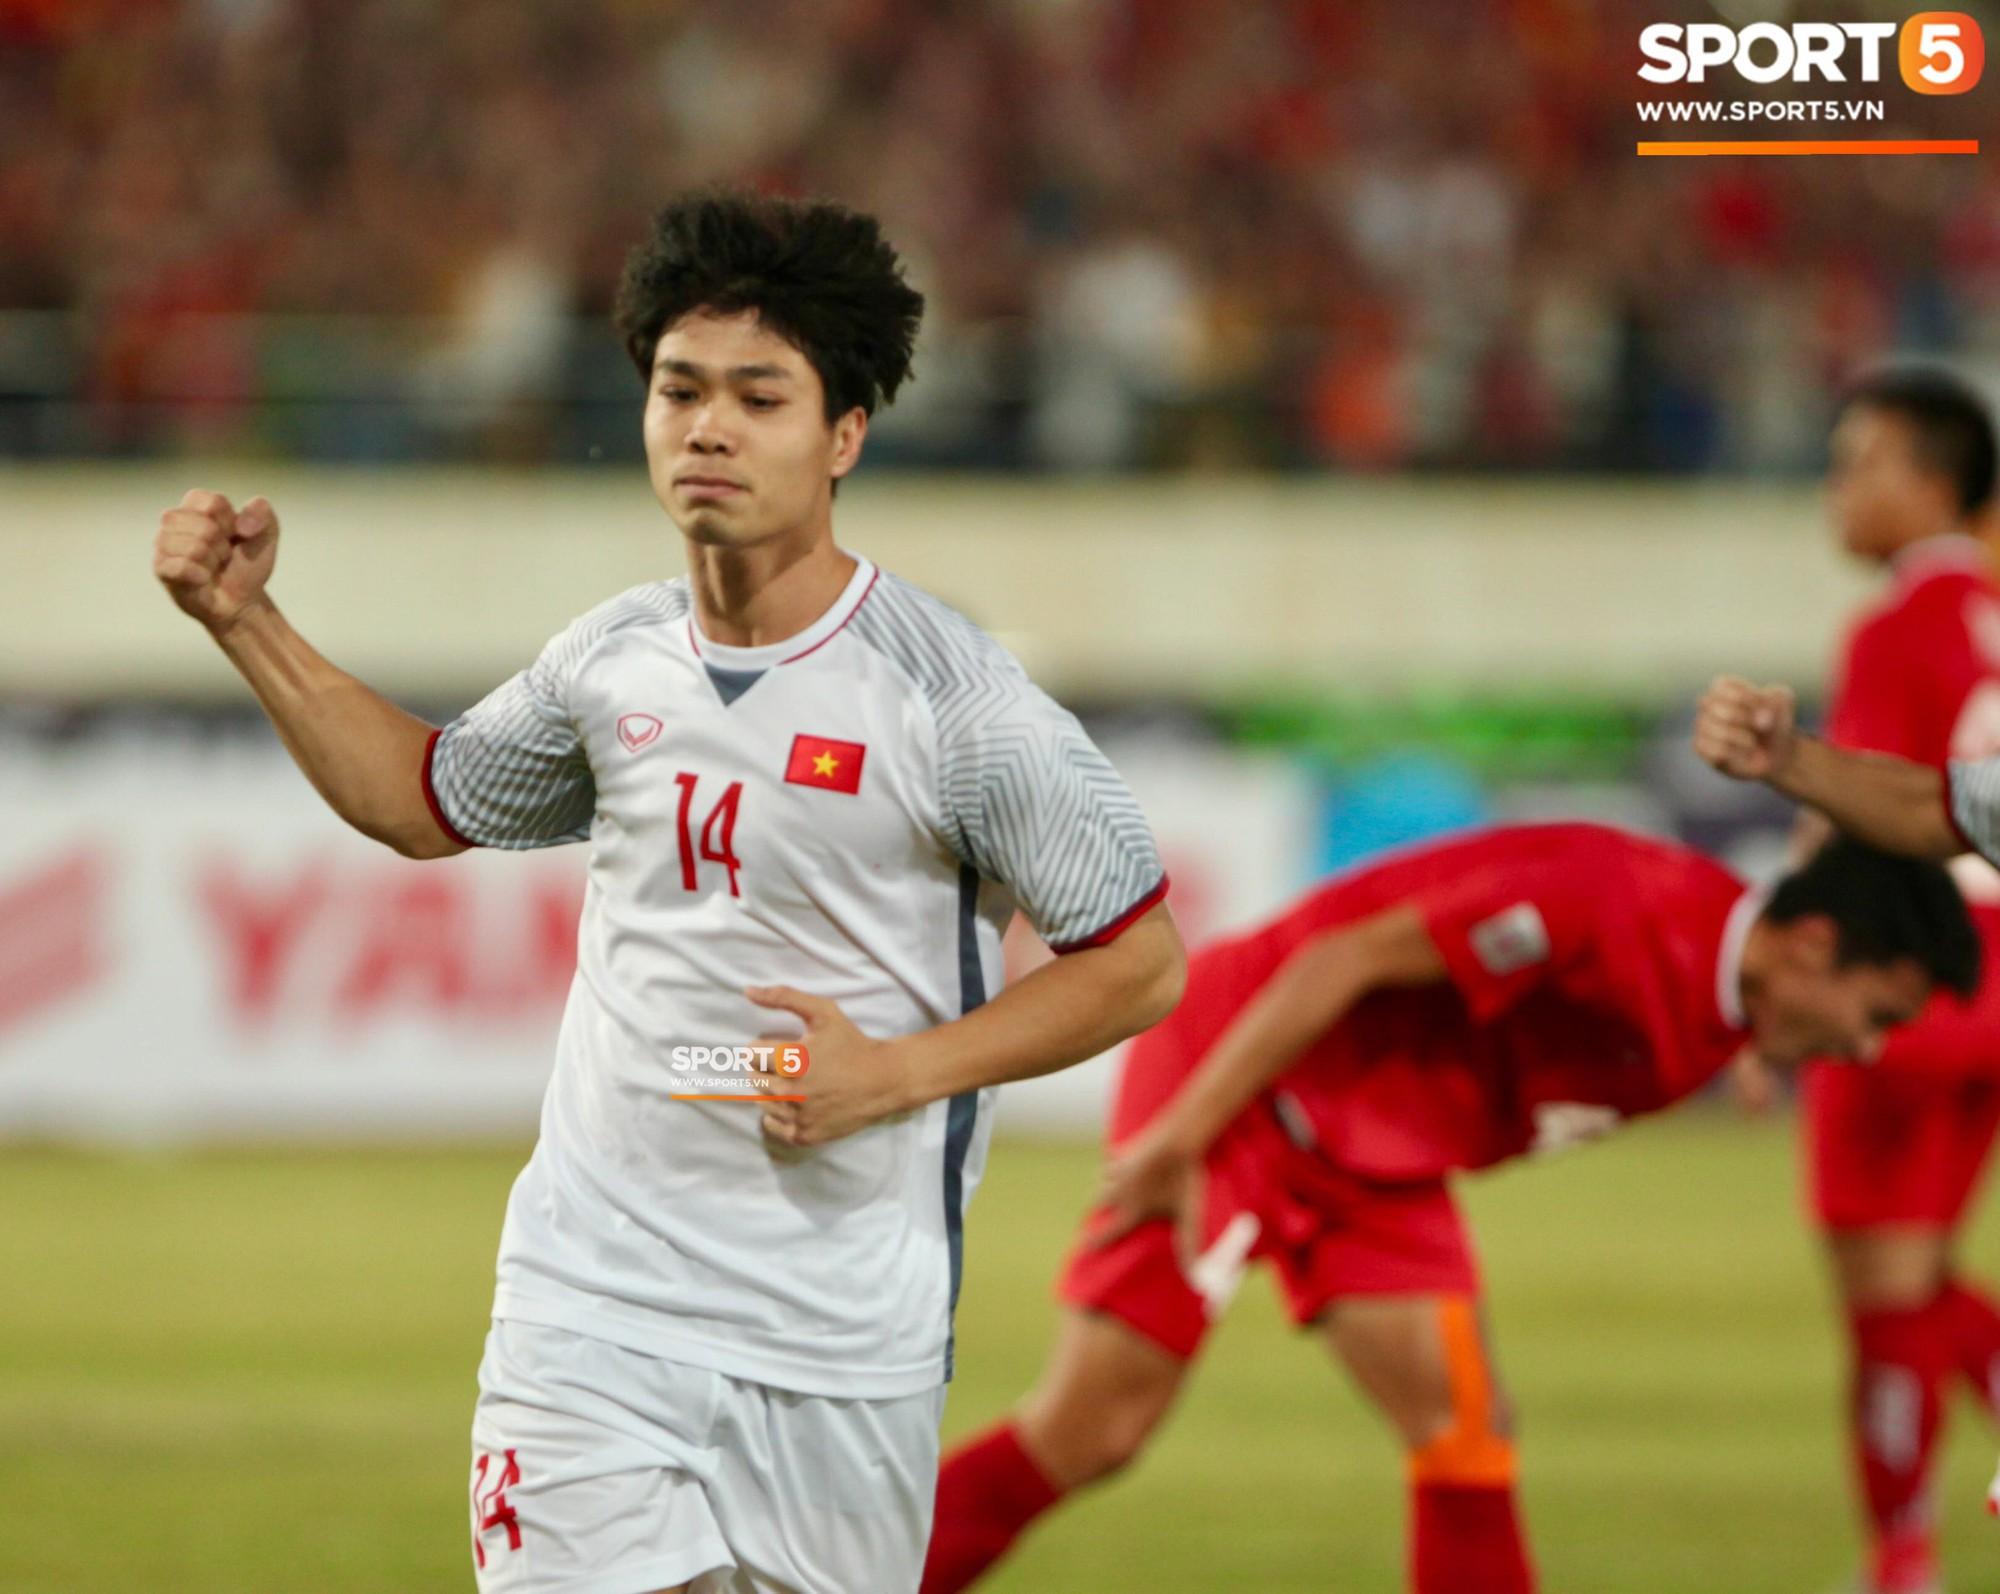 Đè bẹp Lào, đội tuyển Việt Nam khiến truyền thông nước bạn hoang mang - Ảnh 1.